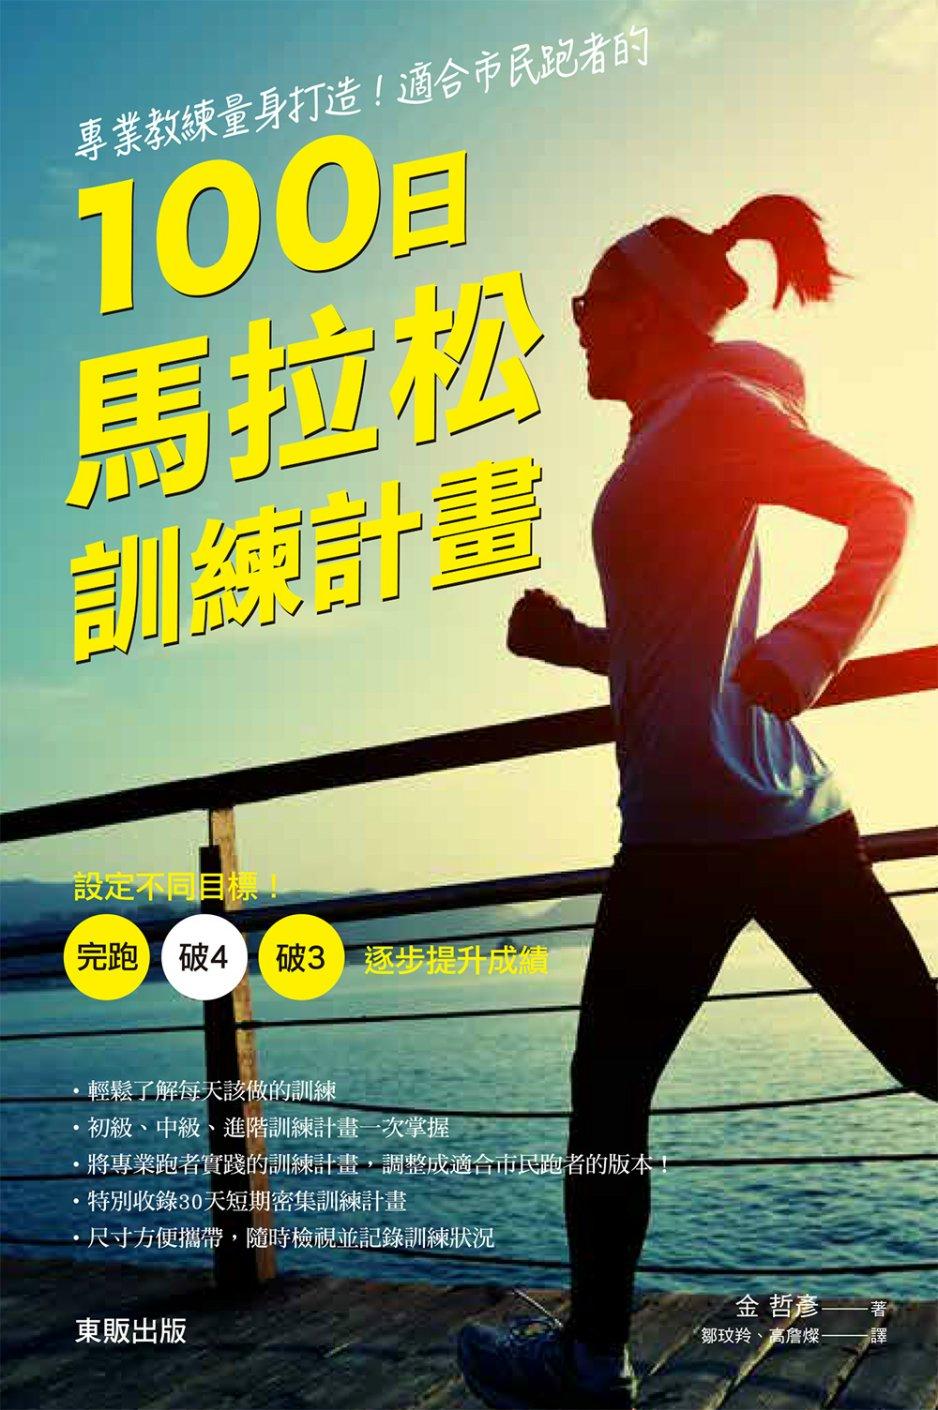 專業教練量身打造!適合市民跑者的100日馬拉松訓練計畫:設定不同目標!完跑‧破4‧破3,逐步提升成績